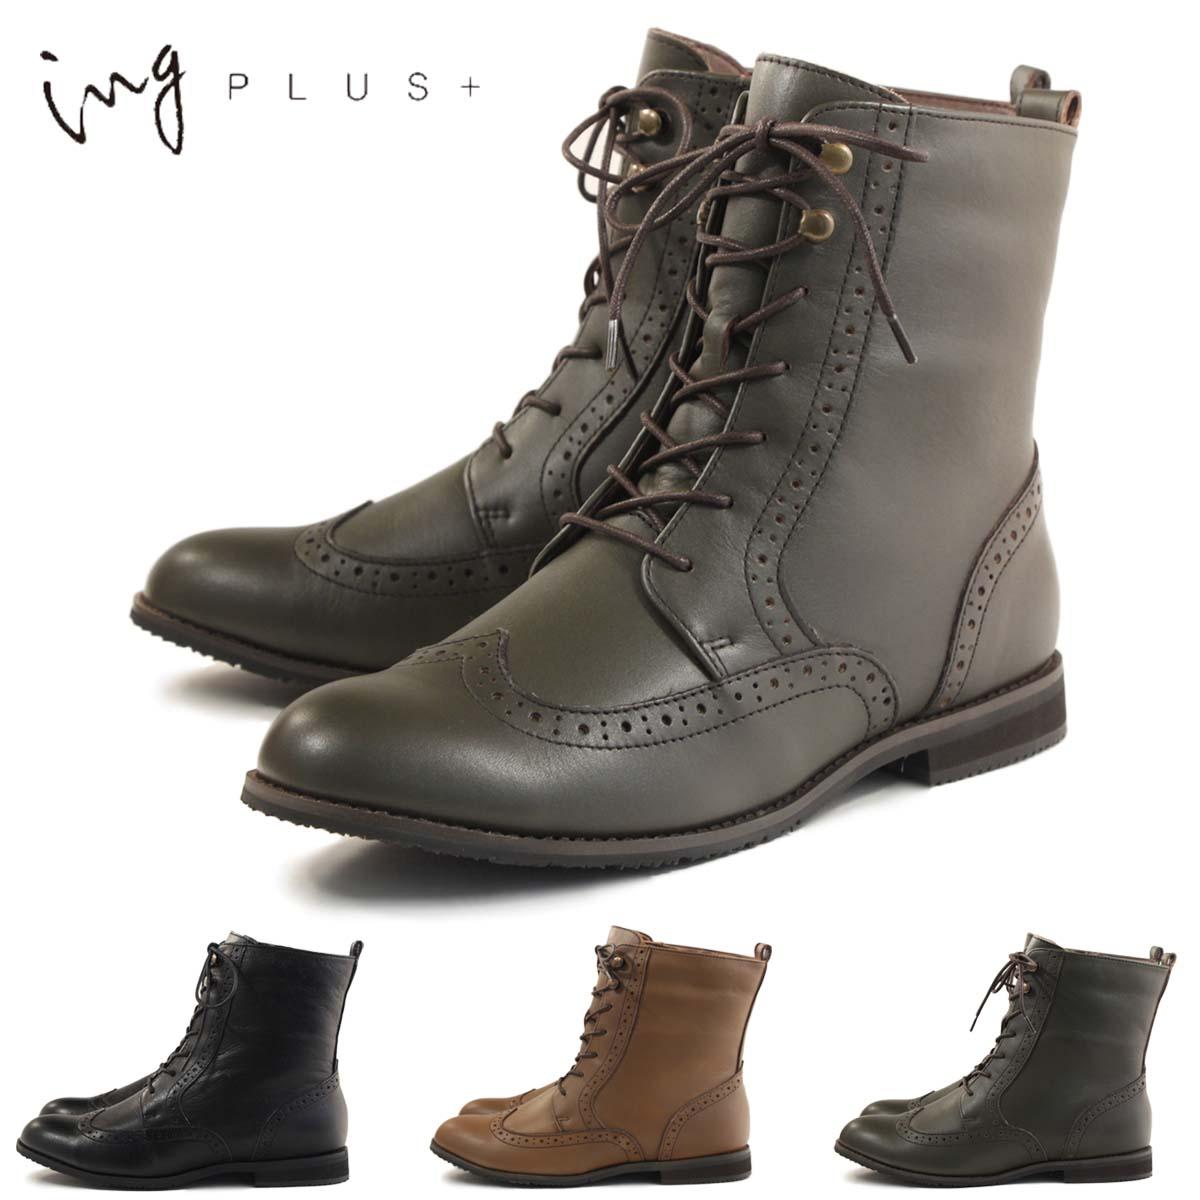 靴 ing8085 ING8085 IGSV98085 【イング ing】 ウイングチップカジュアルショートブーツ 【ブーツ】